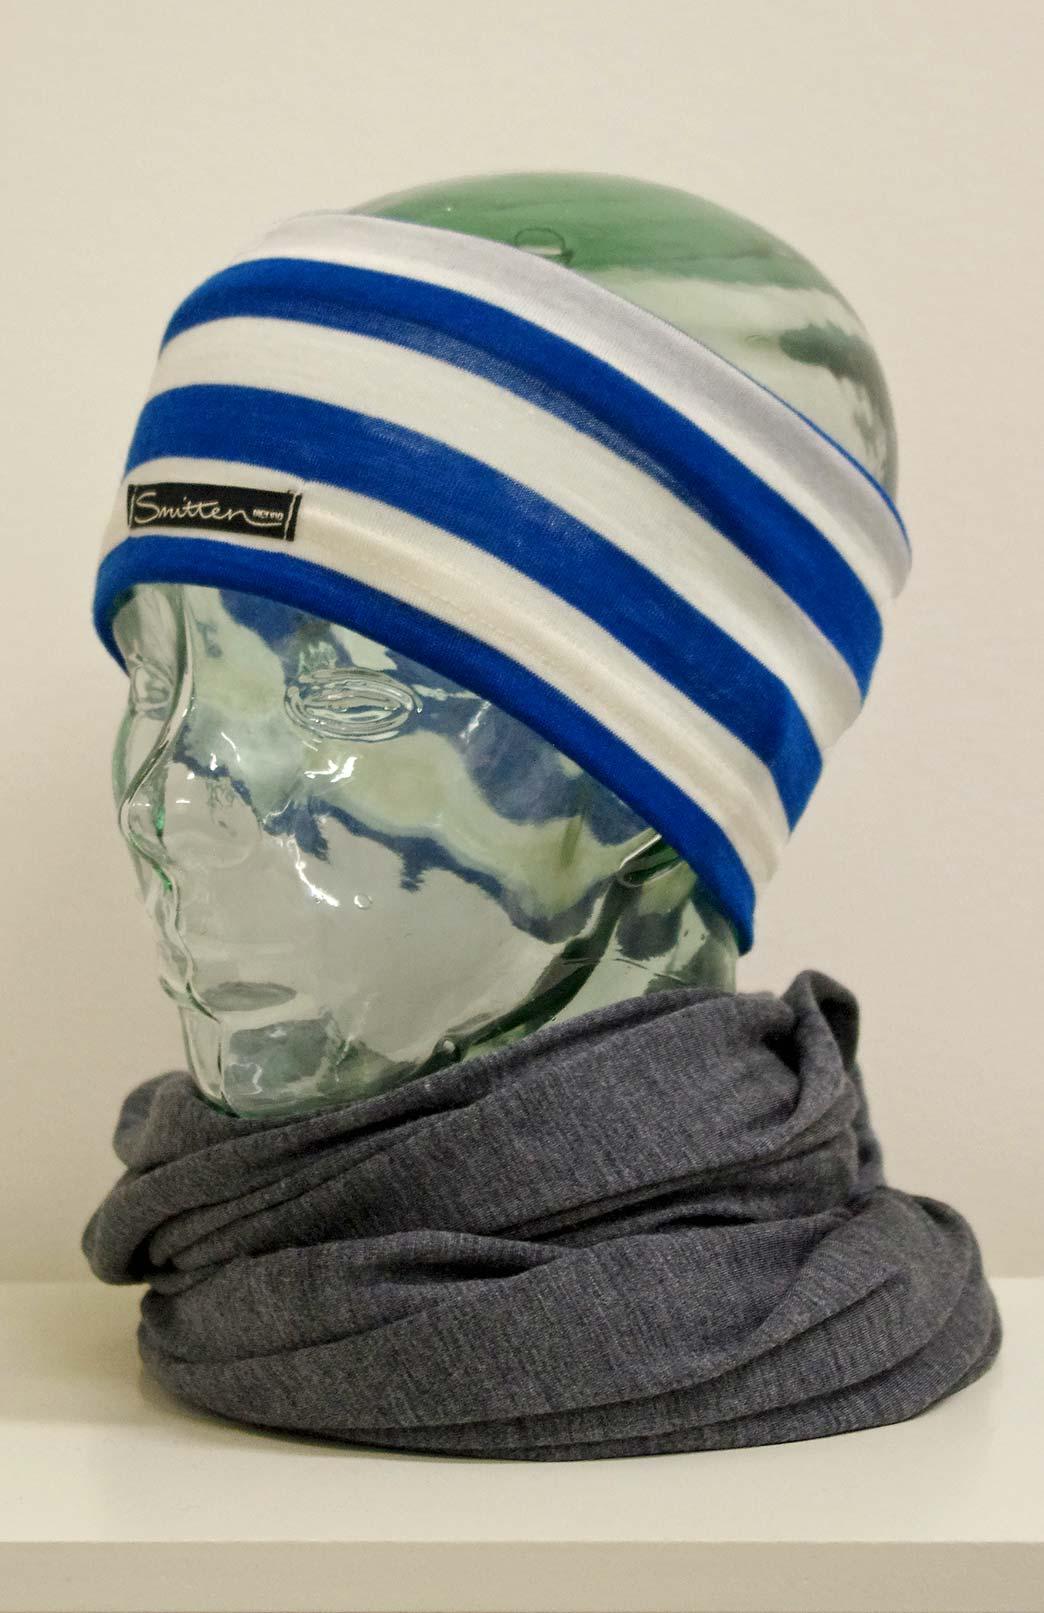 Headband / Ear Warmer - Unisex Teal Ivory Stripe Merino Wool Headband and Ear Warmer - Smitten Merino Tasmania Australia